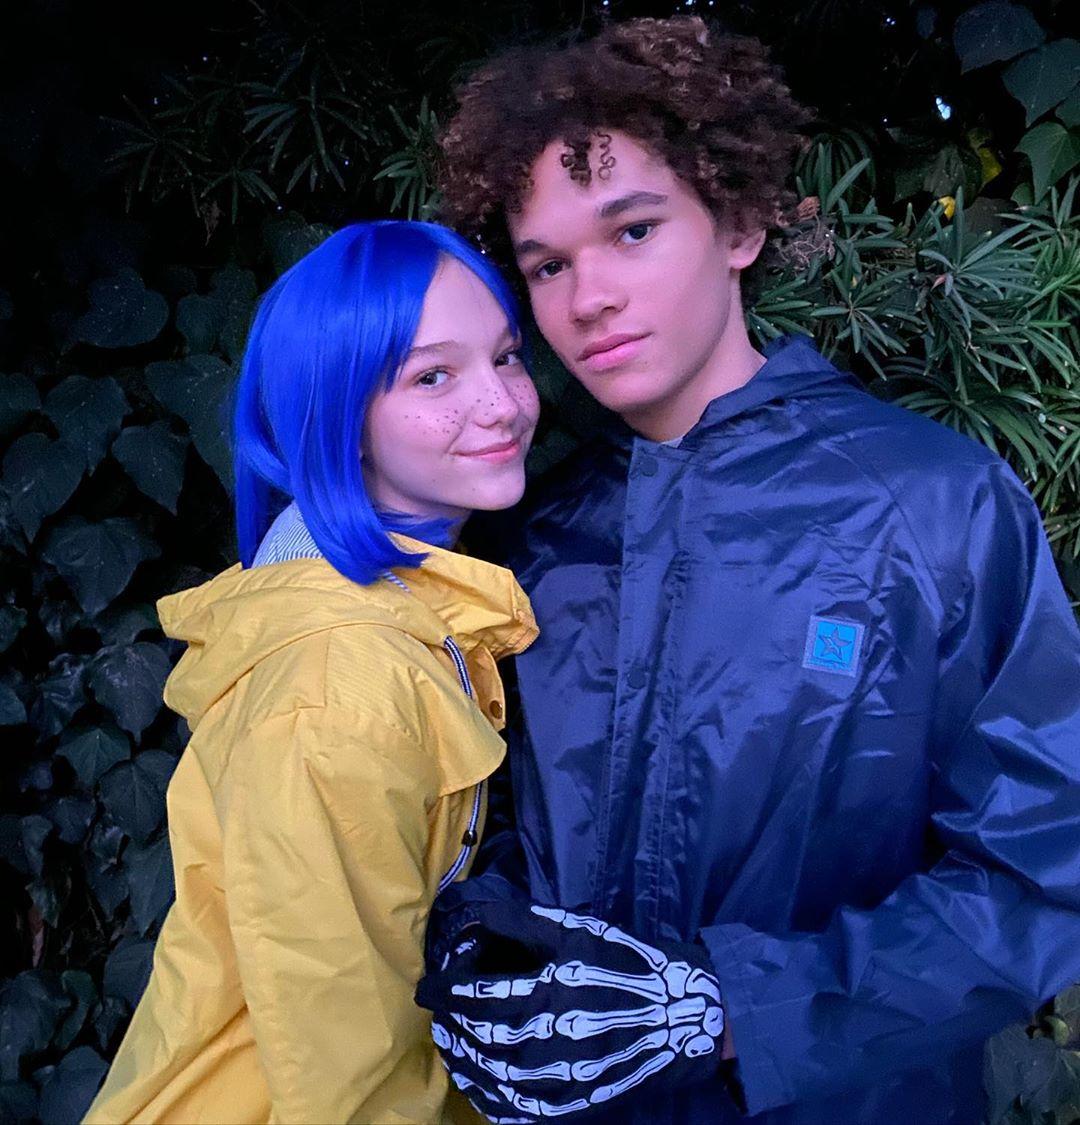 Jayden Bartels with her boyfriend Armani Jackson